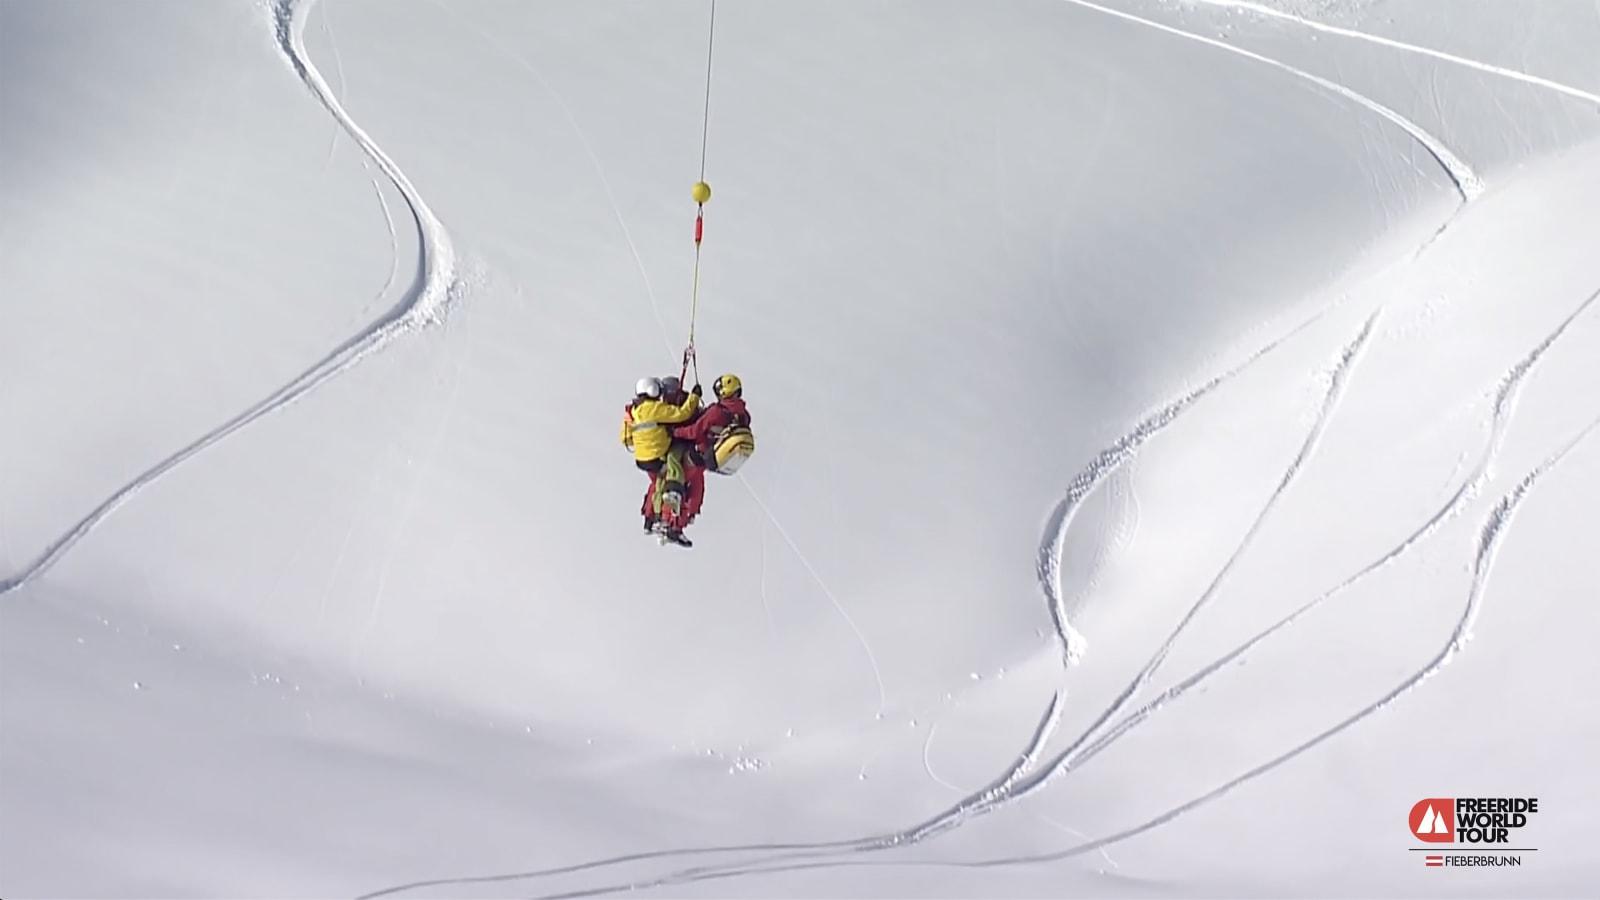 REDNINGSAKSJONEN: Skadeomfanget etter sammenstøtet med fjellet utvilsomt alvorlig, og Dennis Risvoll blir hentet ut av ambulansehelikopter. Bilde: Skjermdump FWT